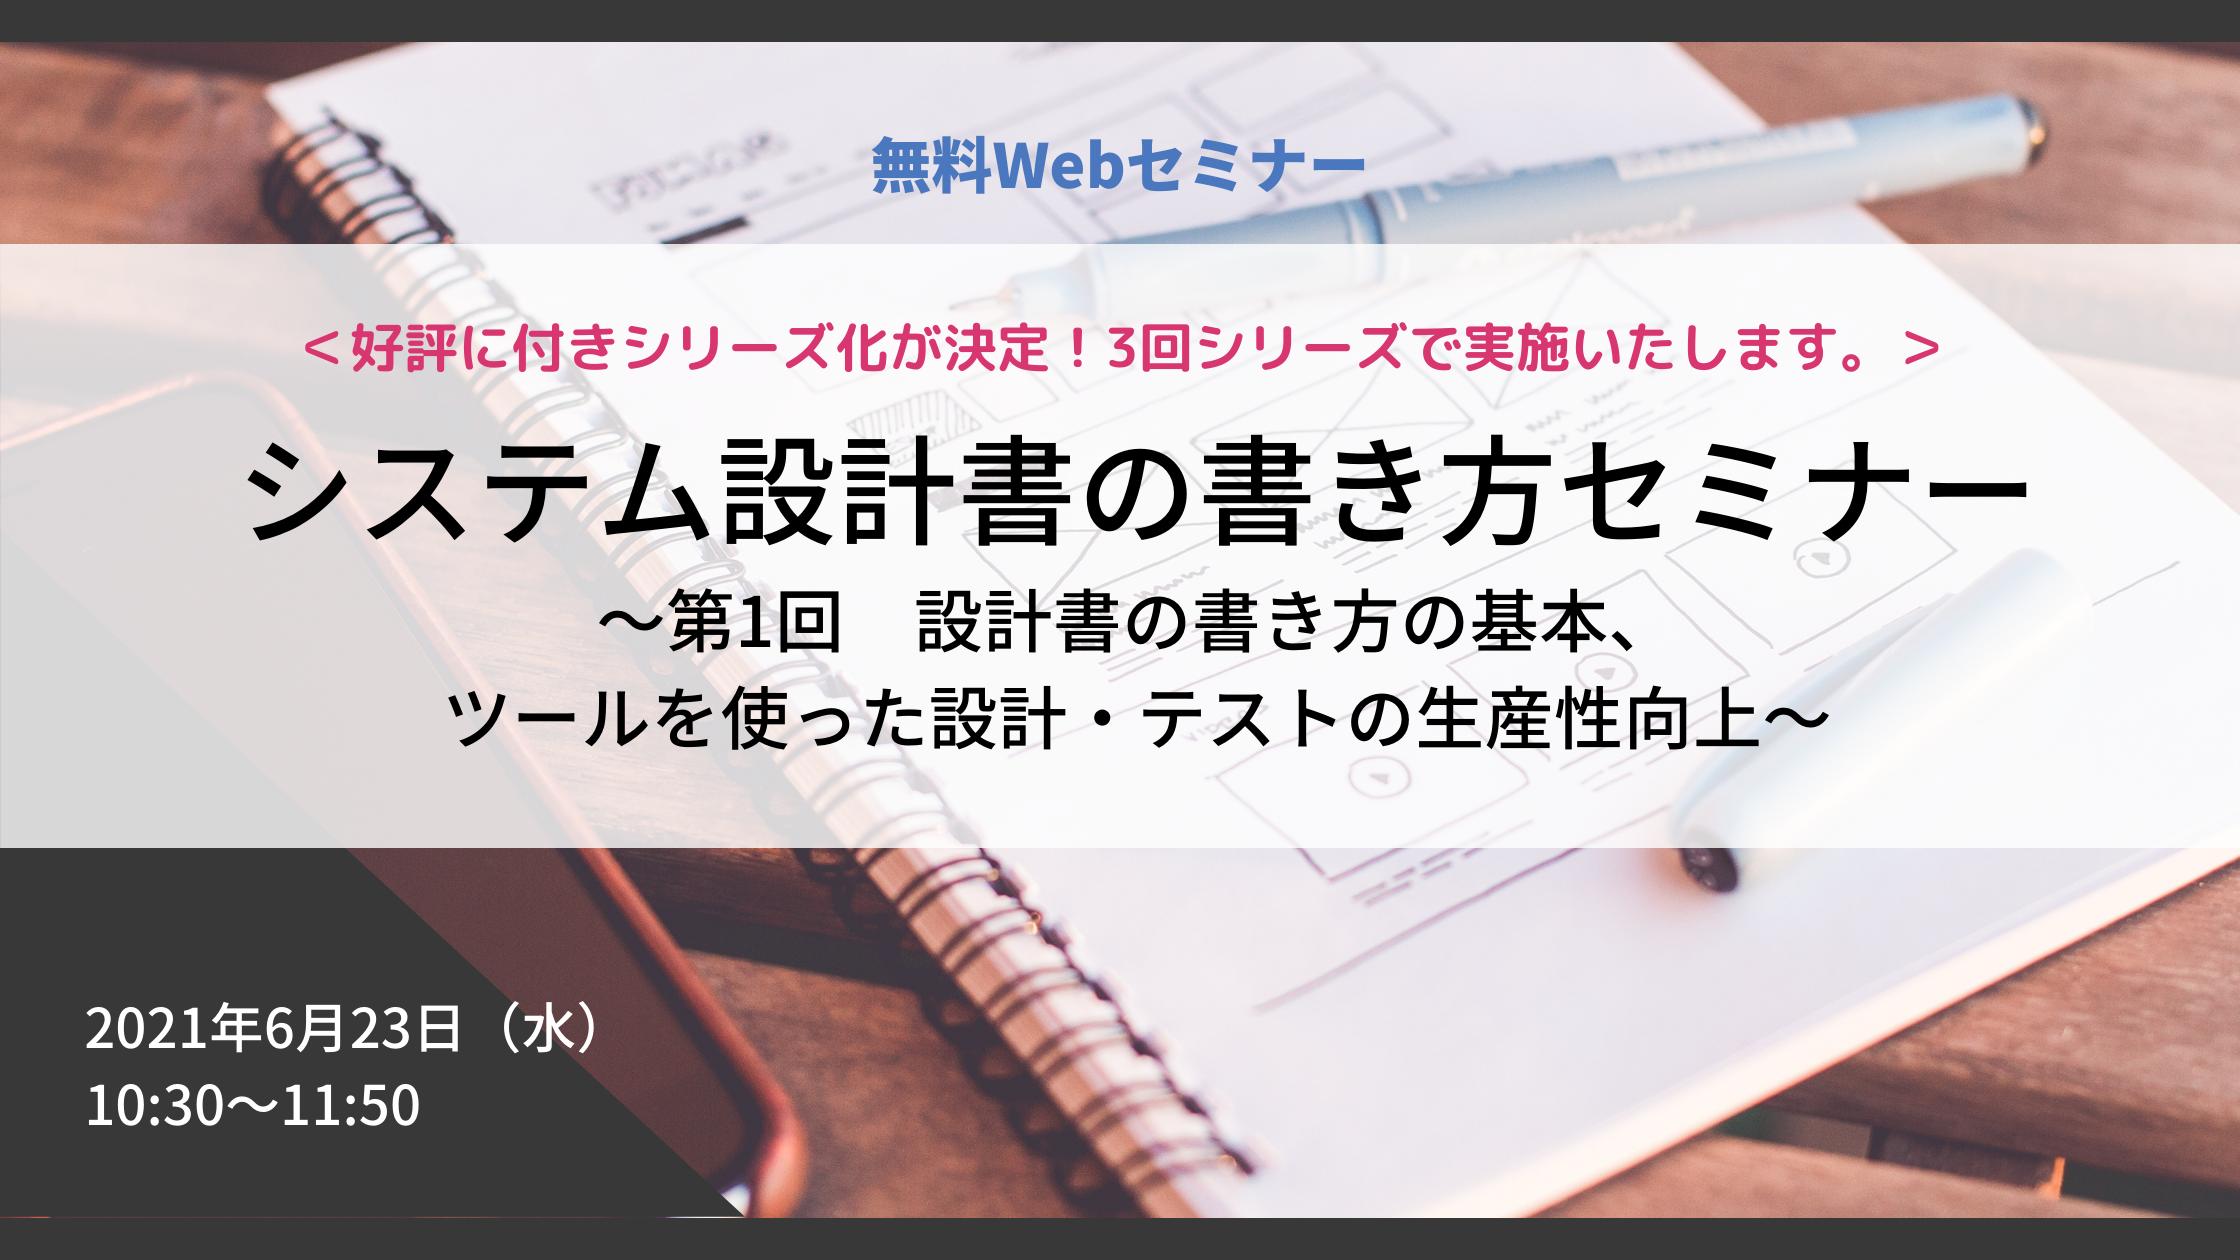 「システム設計書の書き方改革」セミナーシリーズ|設計書の書き方の基本、ツールを使った設計・テストの生産性向上